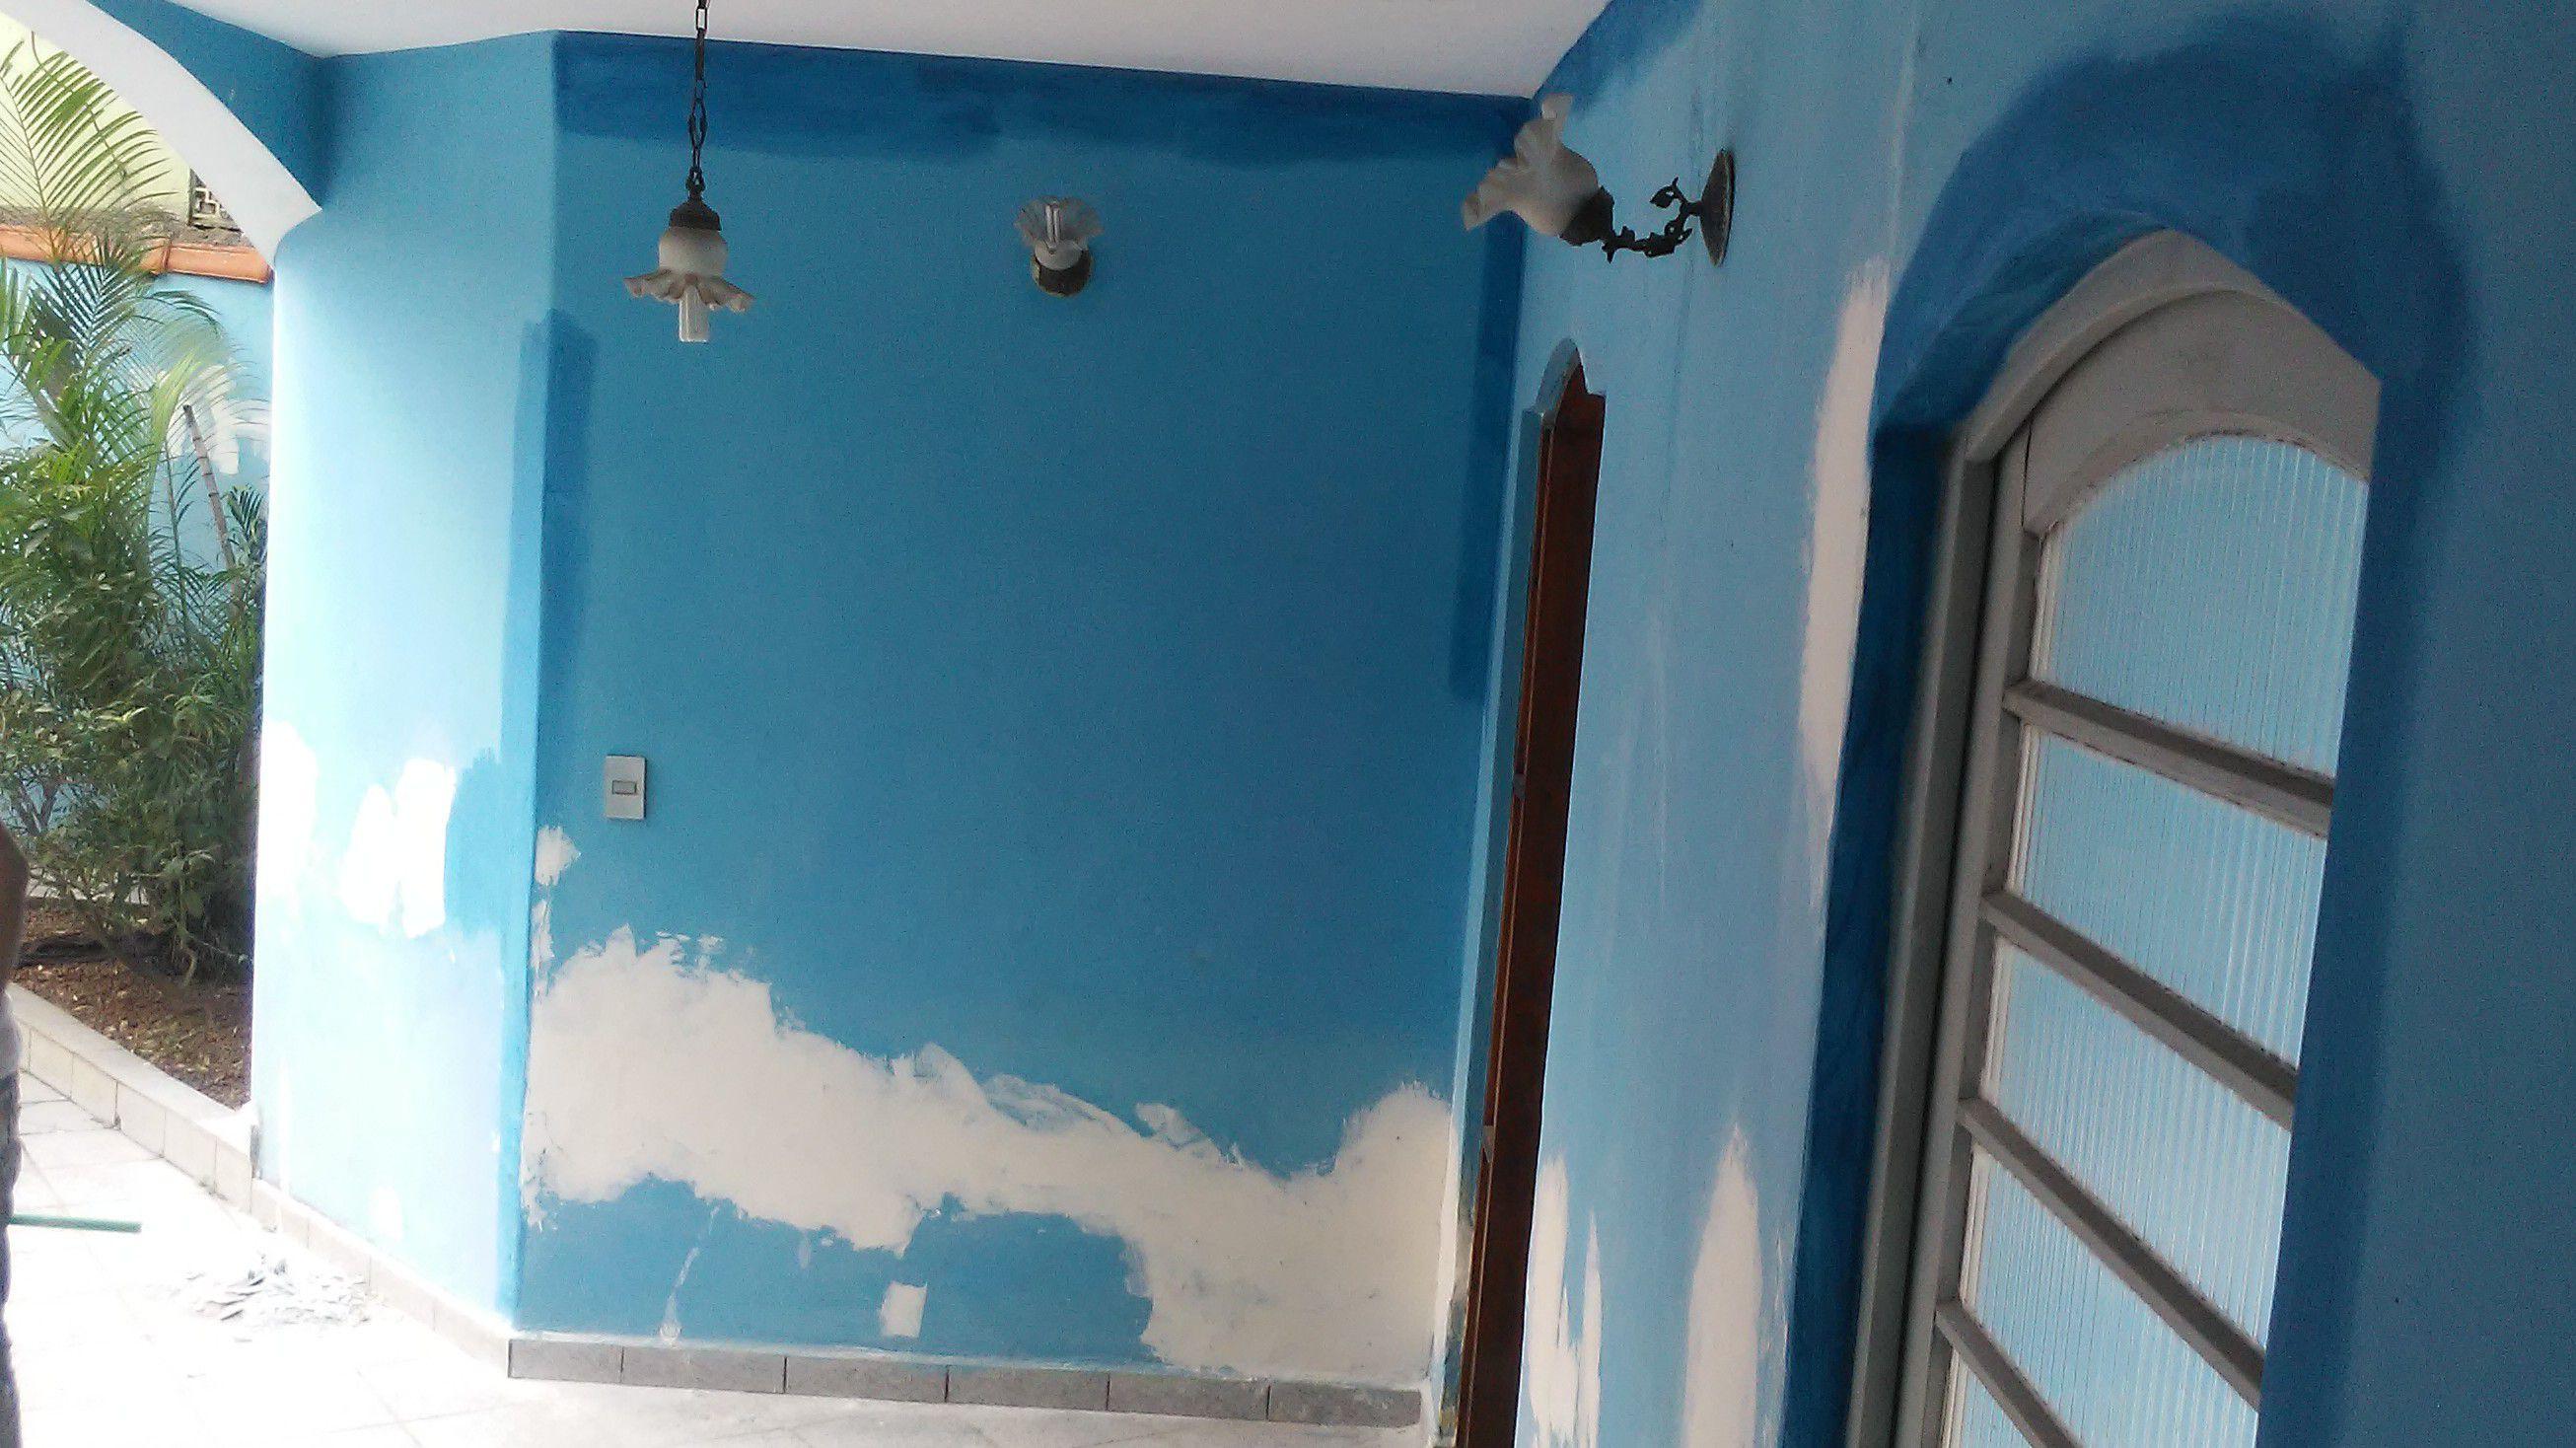 Preparando paredes para pintura!